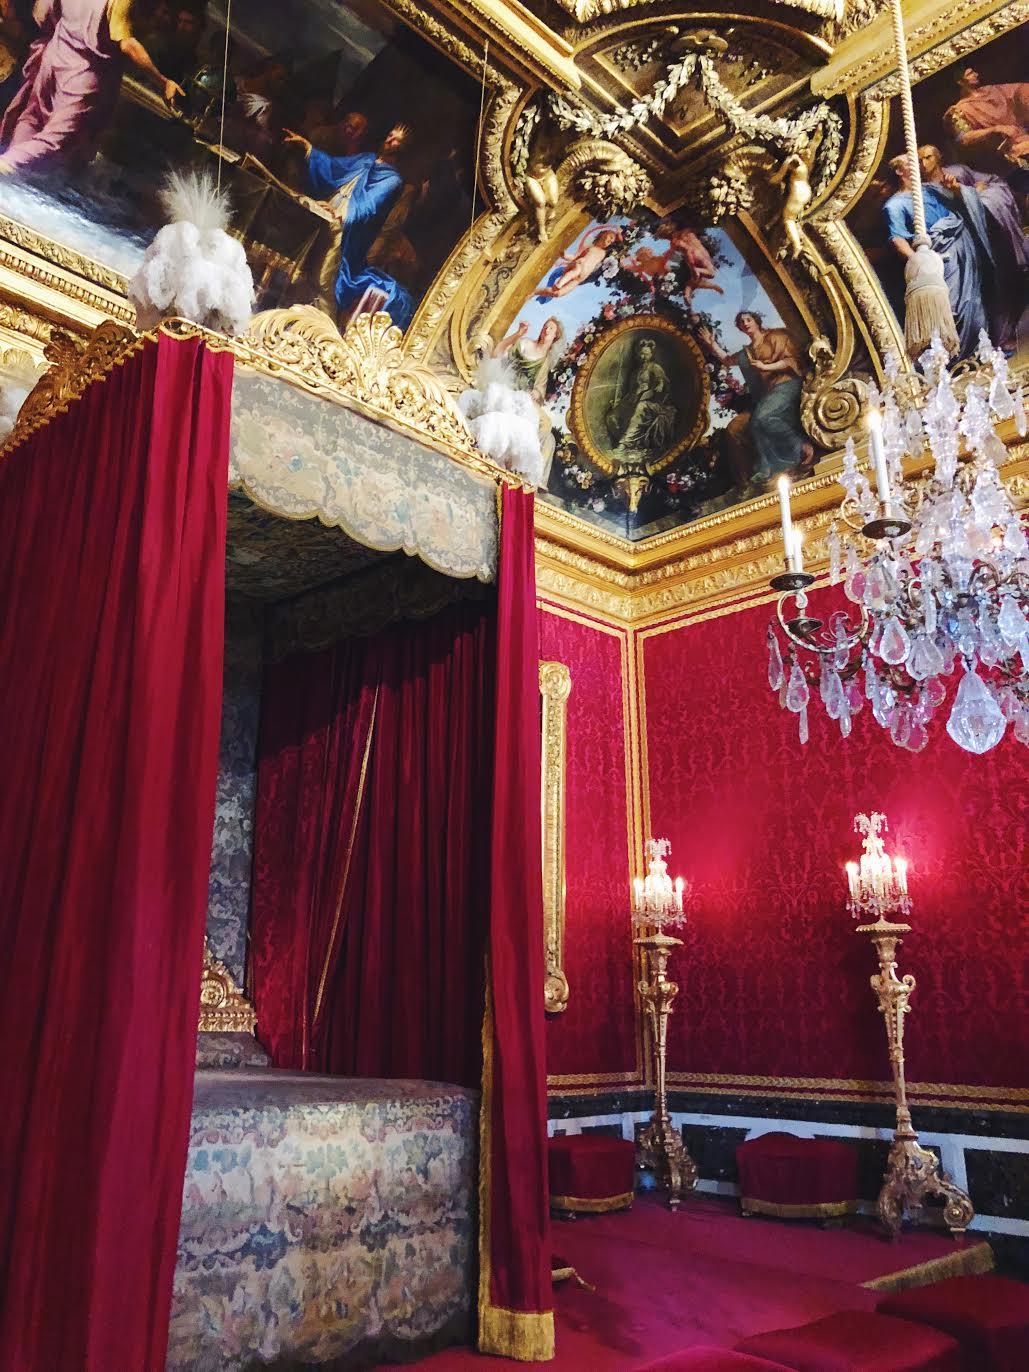 Muslim-travel-guide-Paris-Palace-of-Versailles-red-room.jpg